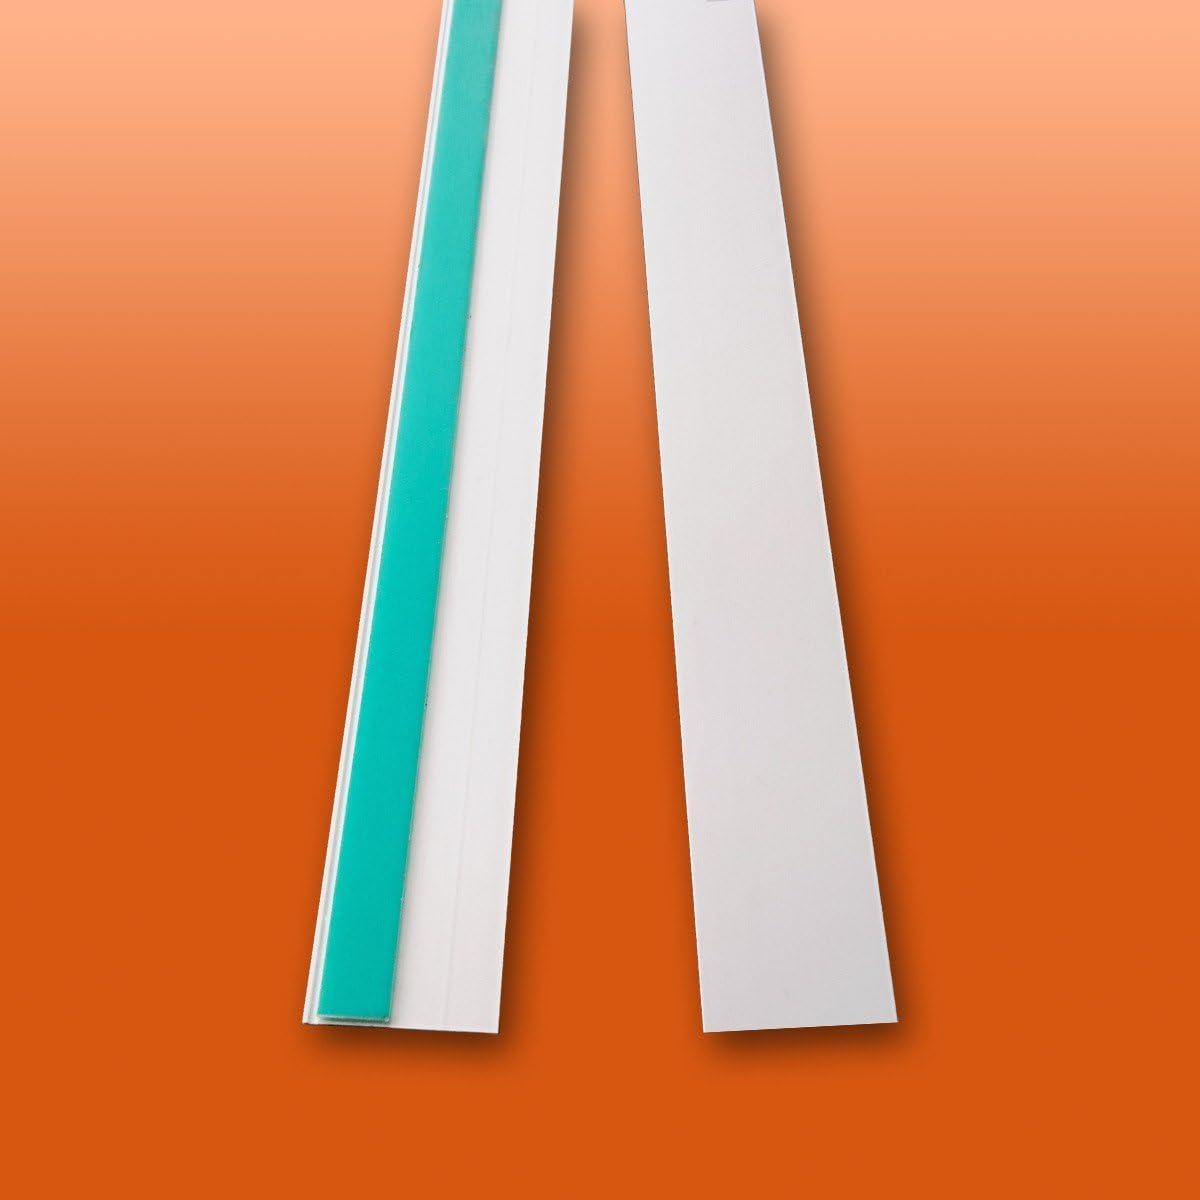 Flachleiste Abdeckleiste Fensterleiste 120mm breit 3m lang Kunststoff Flachprofil